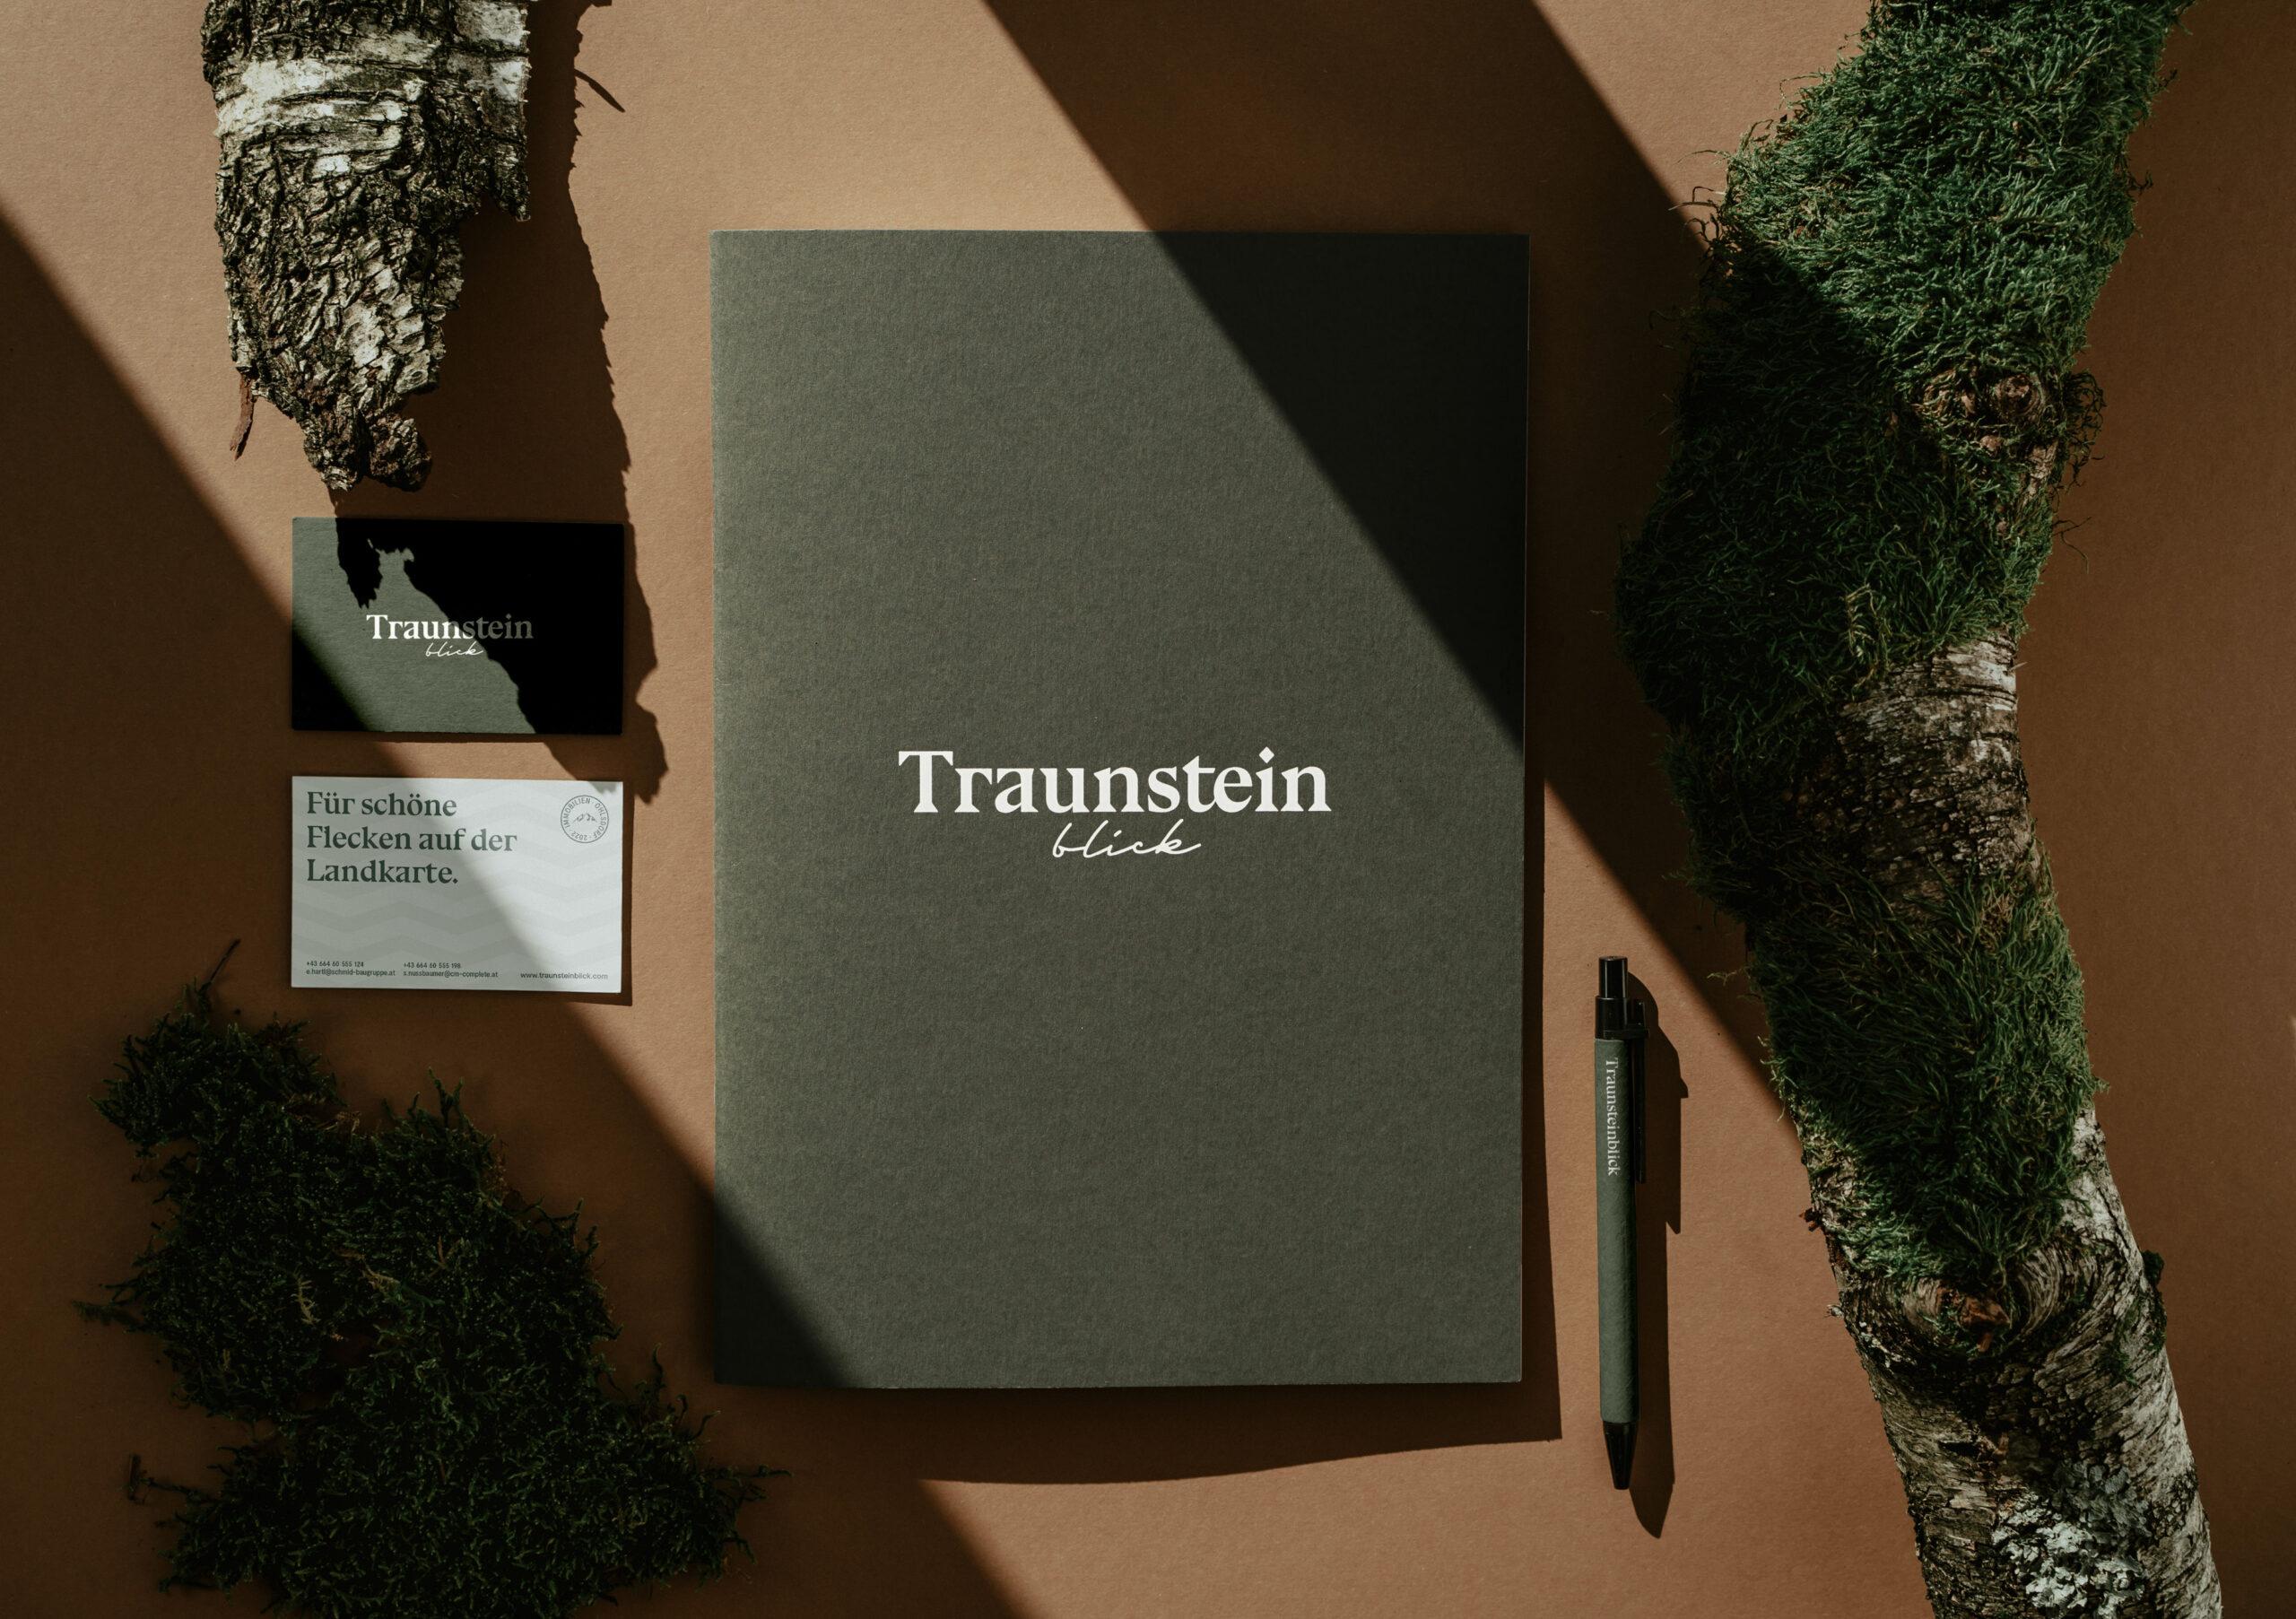 1900x1080_Traunstein_17